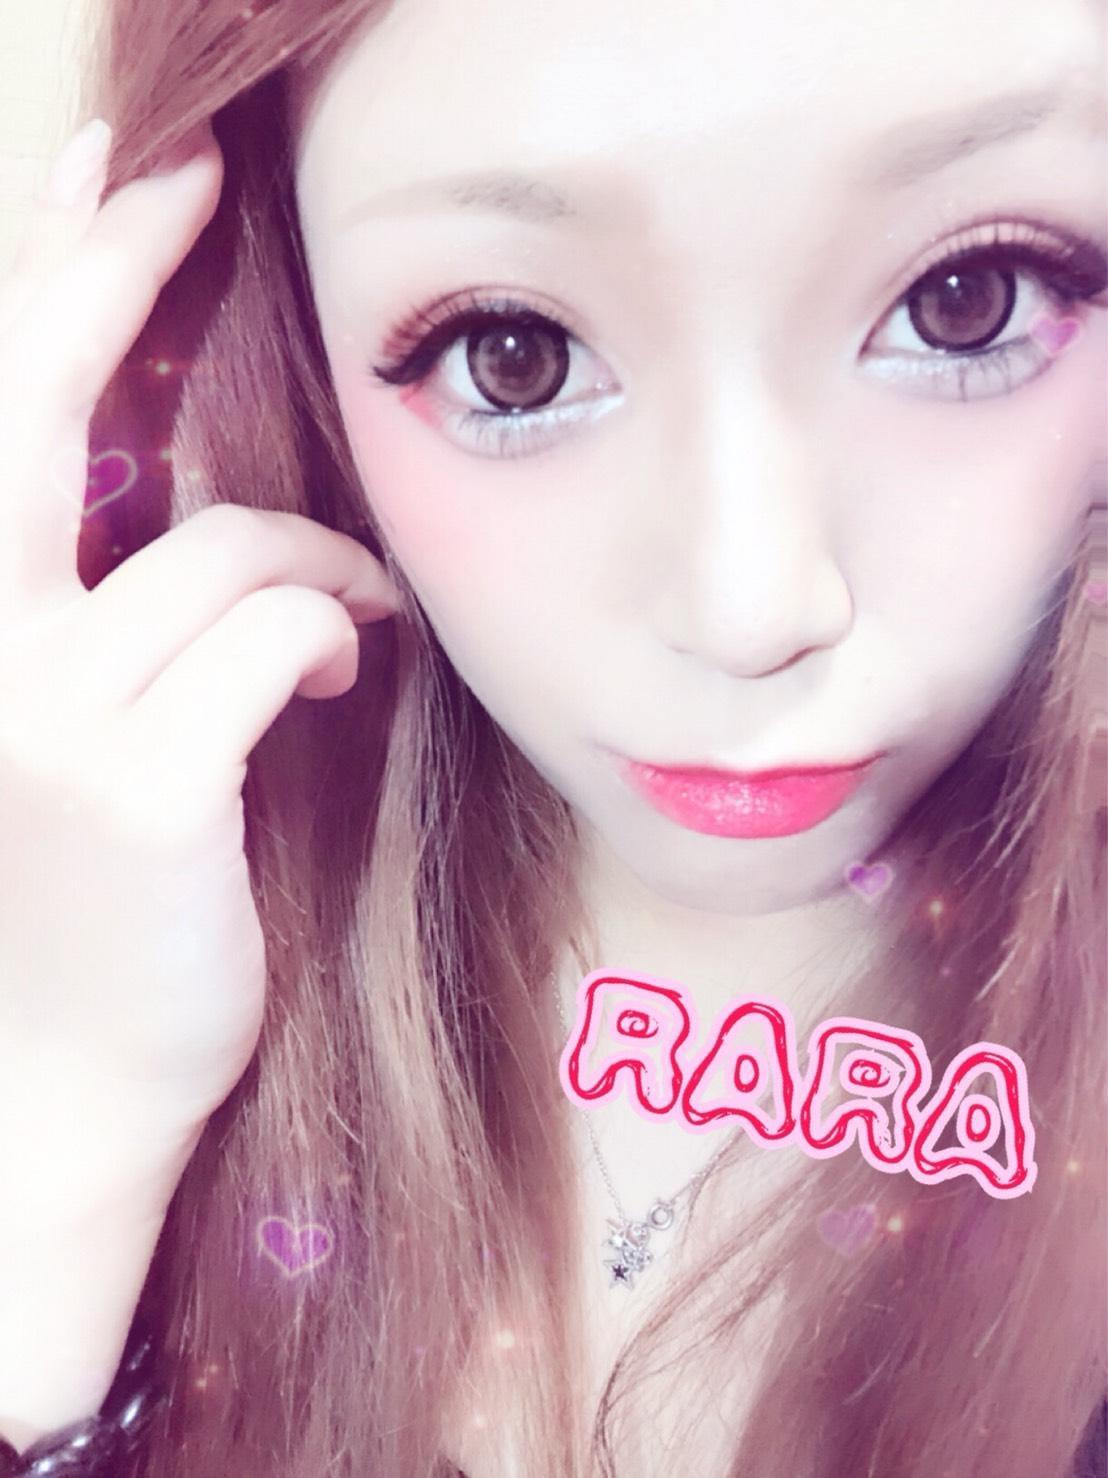 「少し早めですが退勤めう☆」10/15(月) 04:42 | らら(きれい系)の写メ・風俗動画